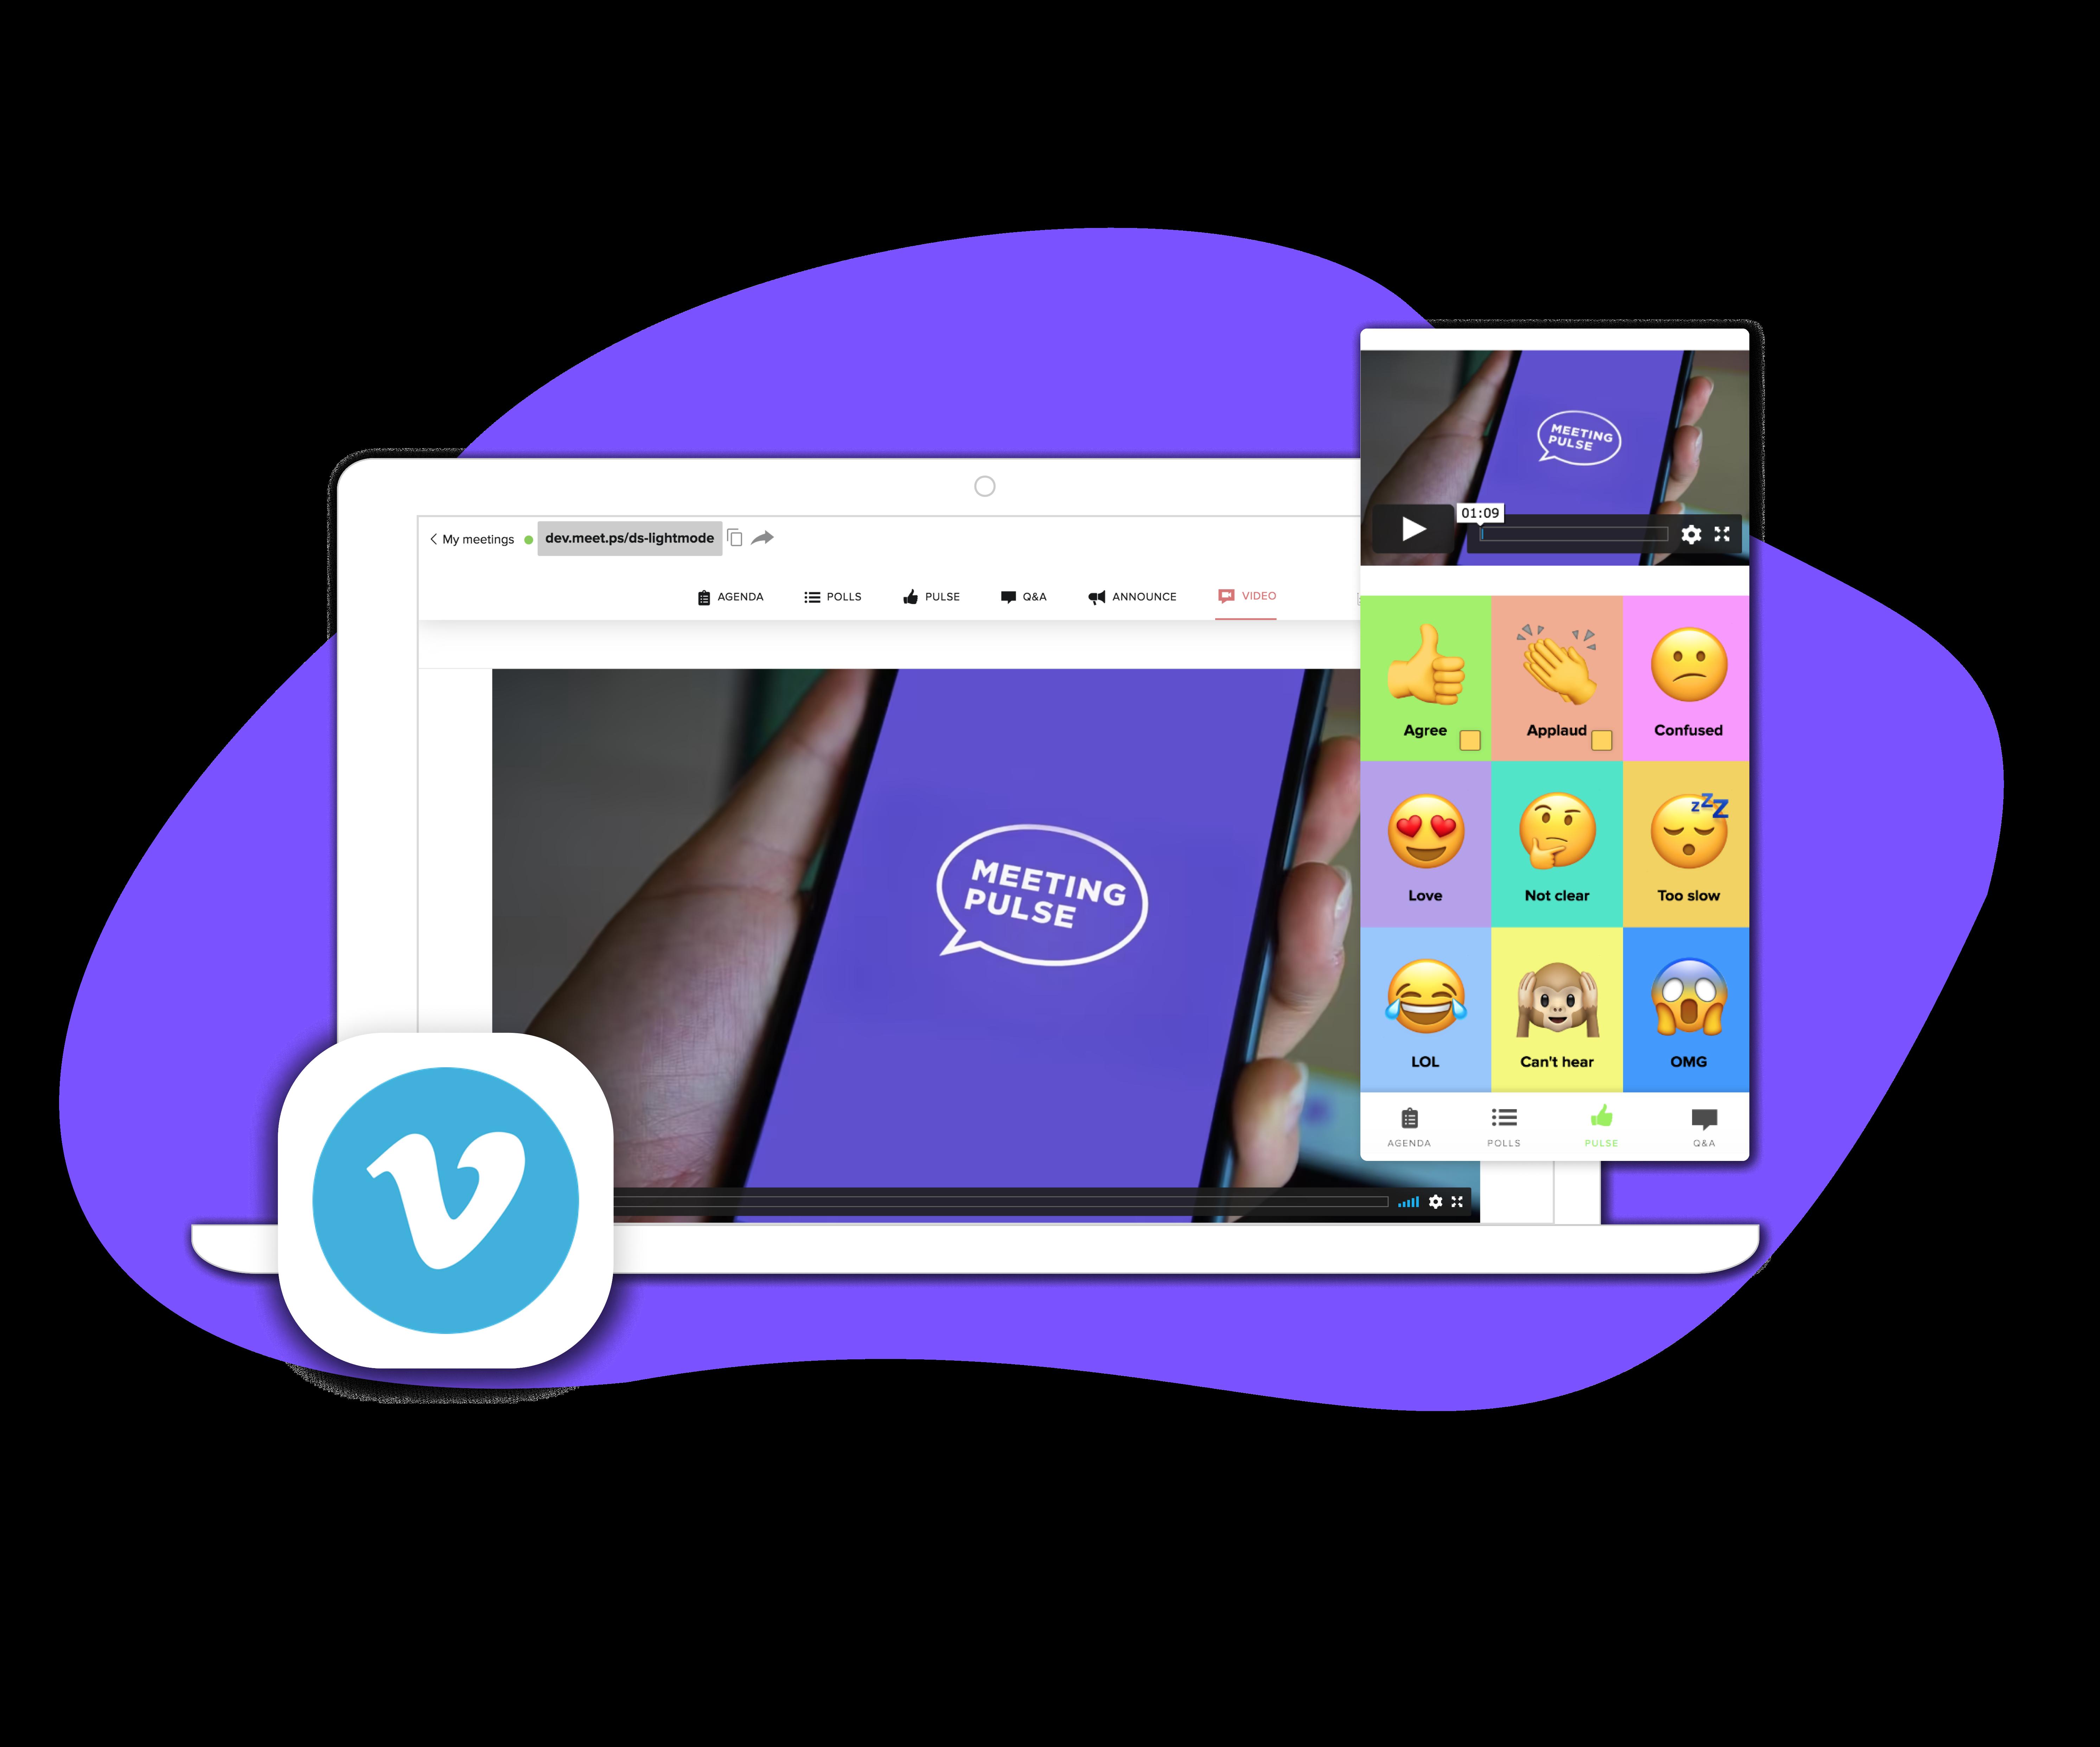 Vimeo+MeetingPulse